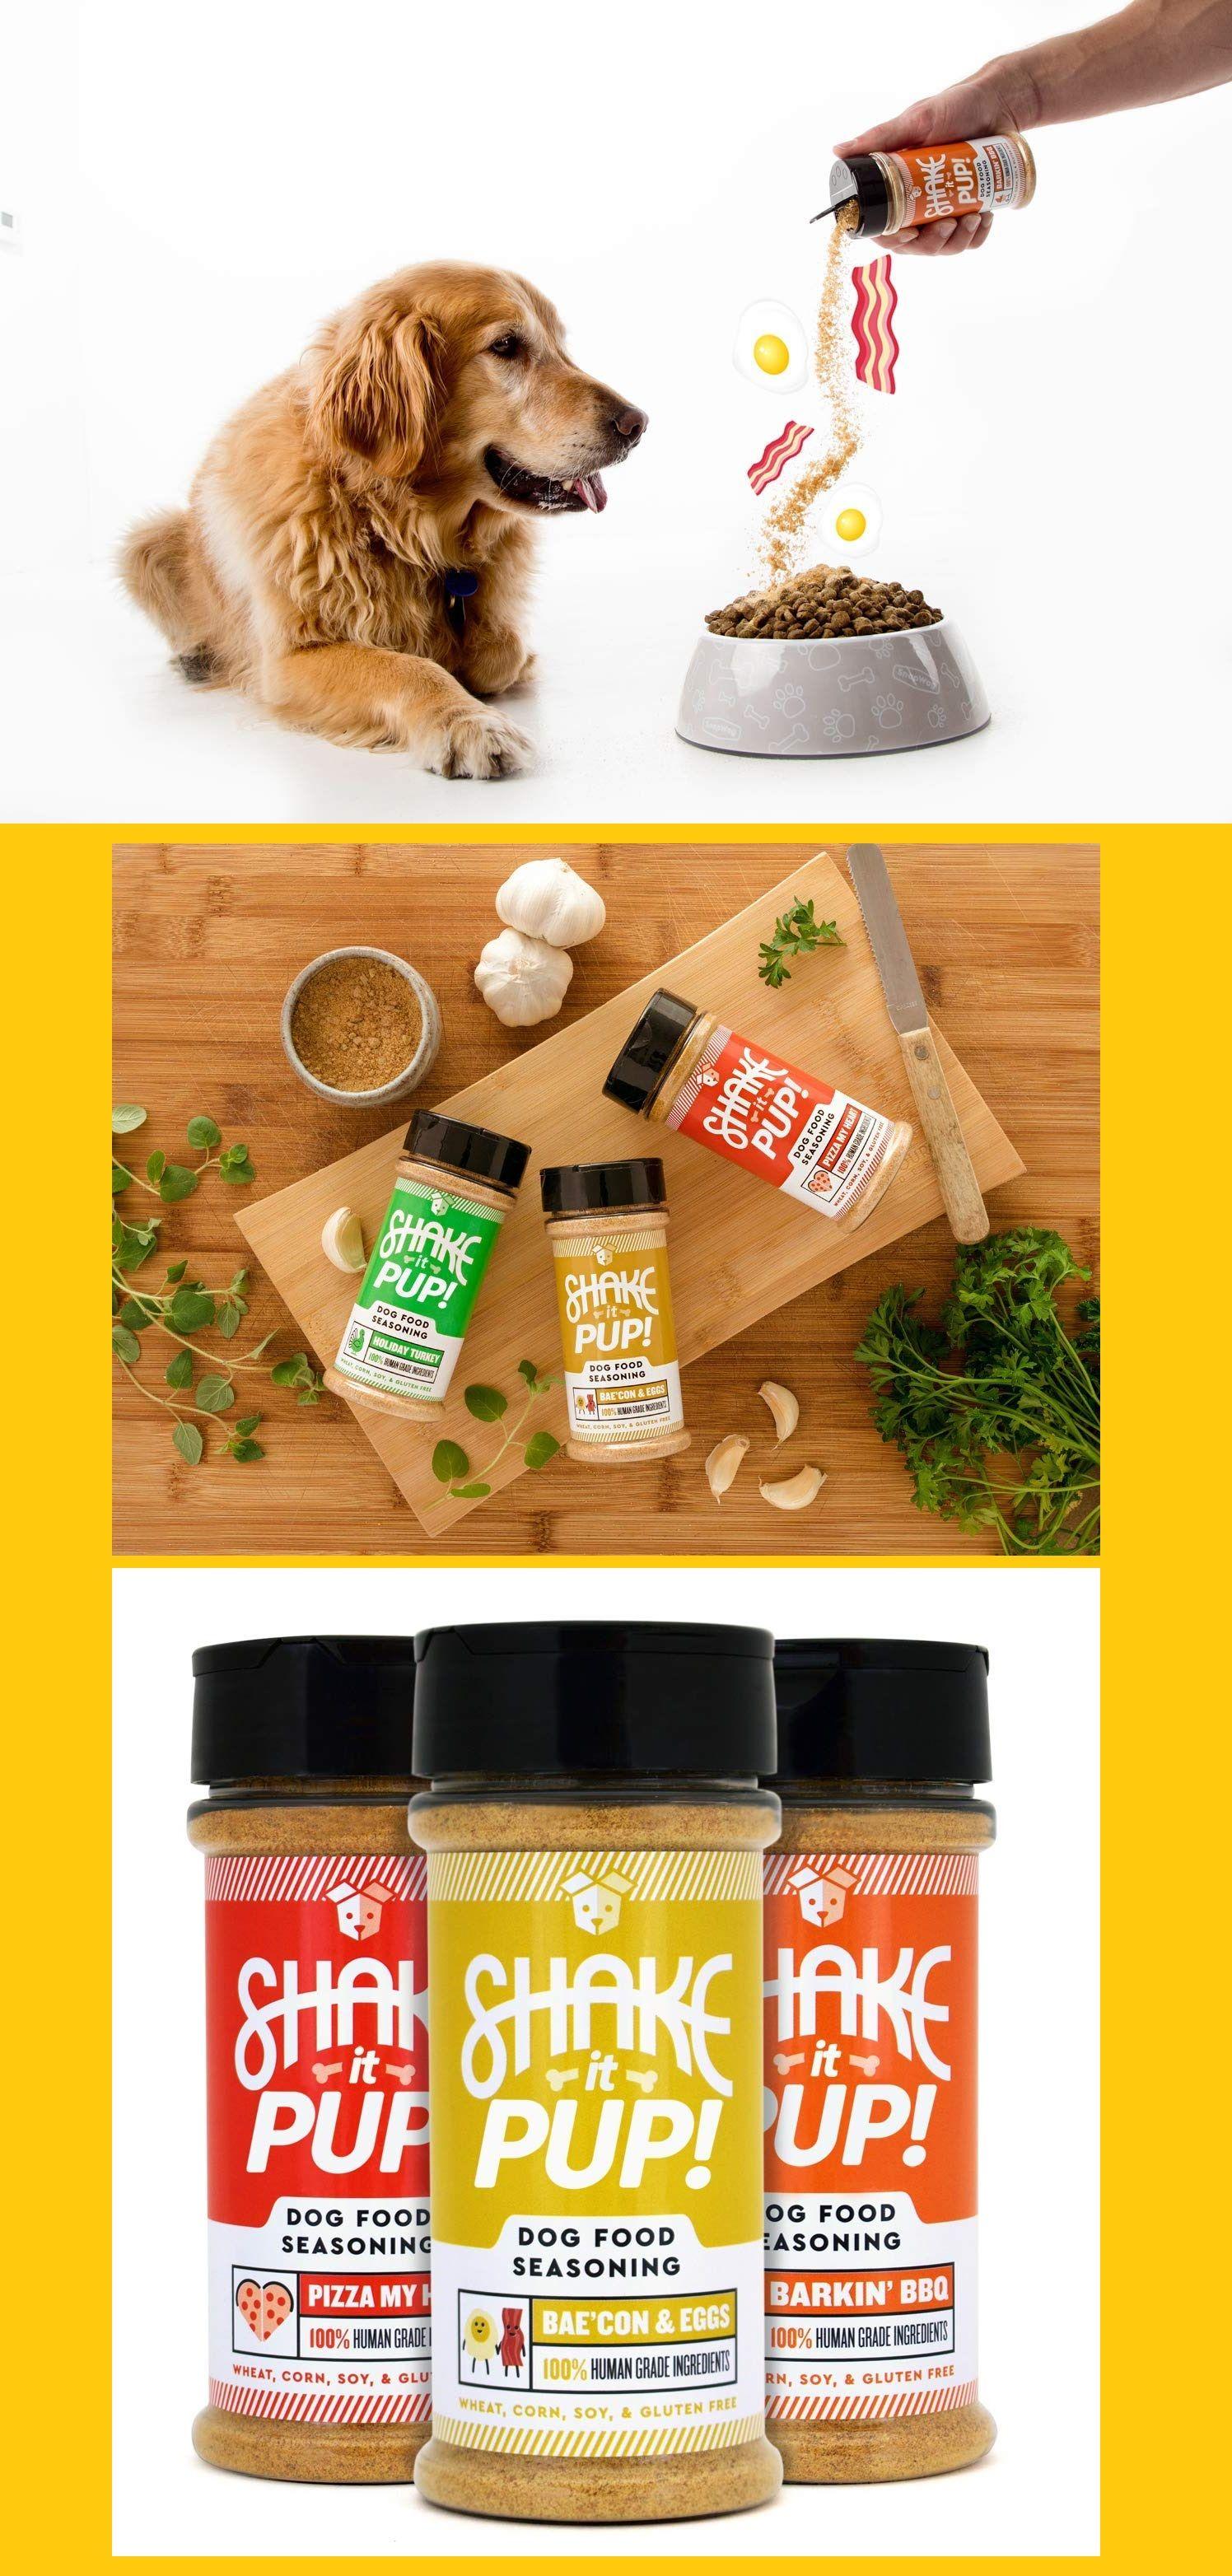 Shake it Pup! Dog Food Seasoning Natural, Human Grade